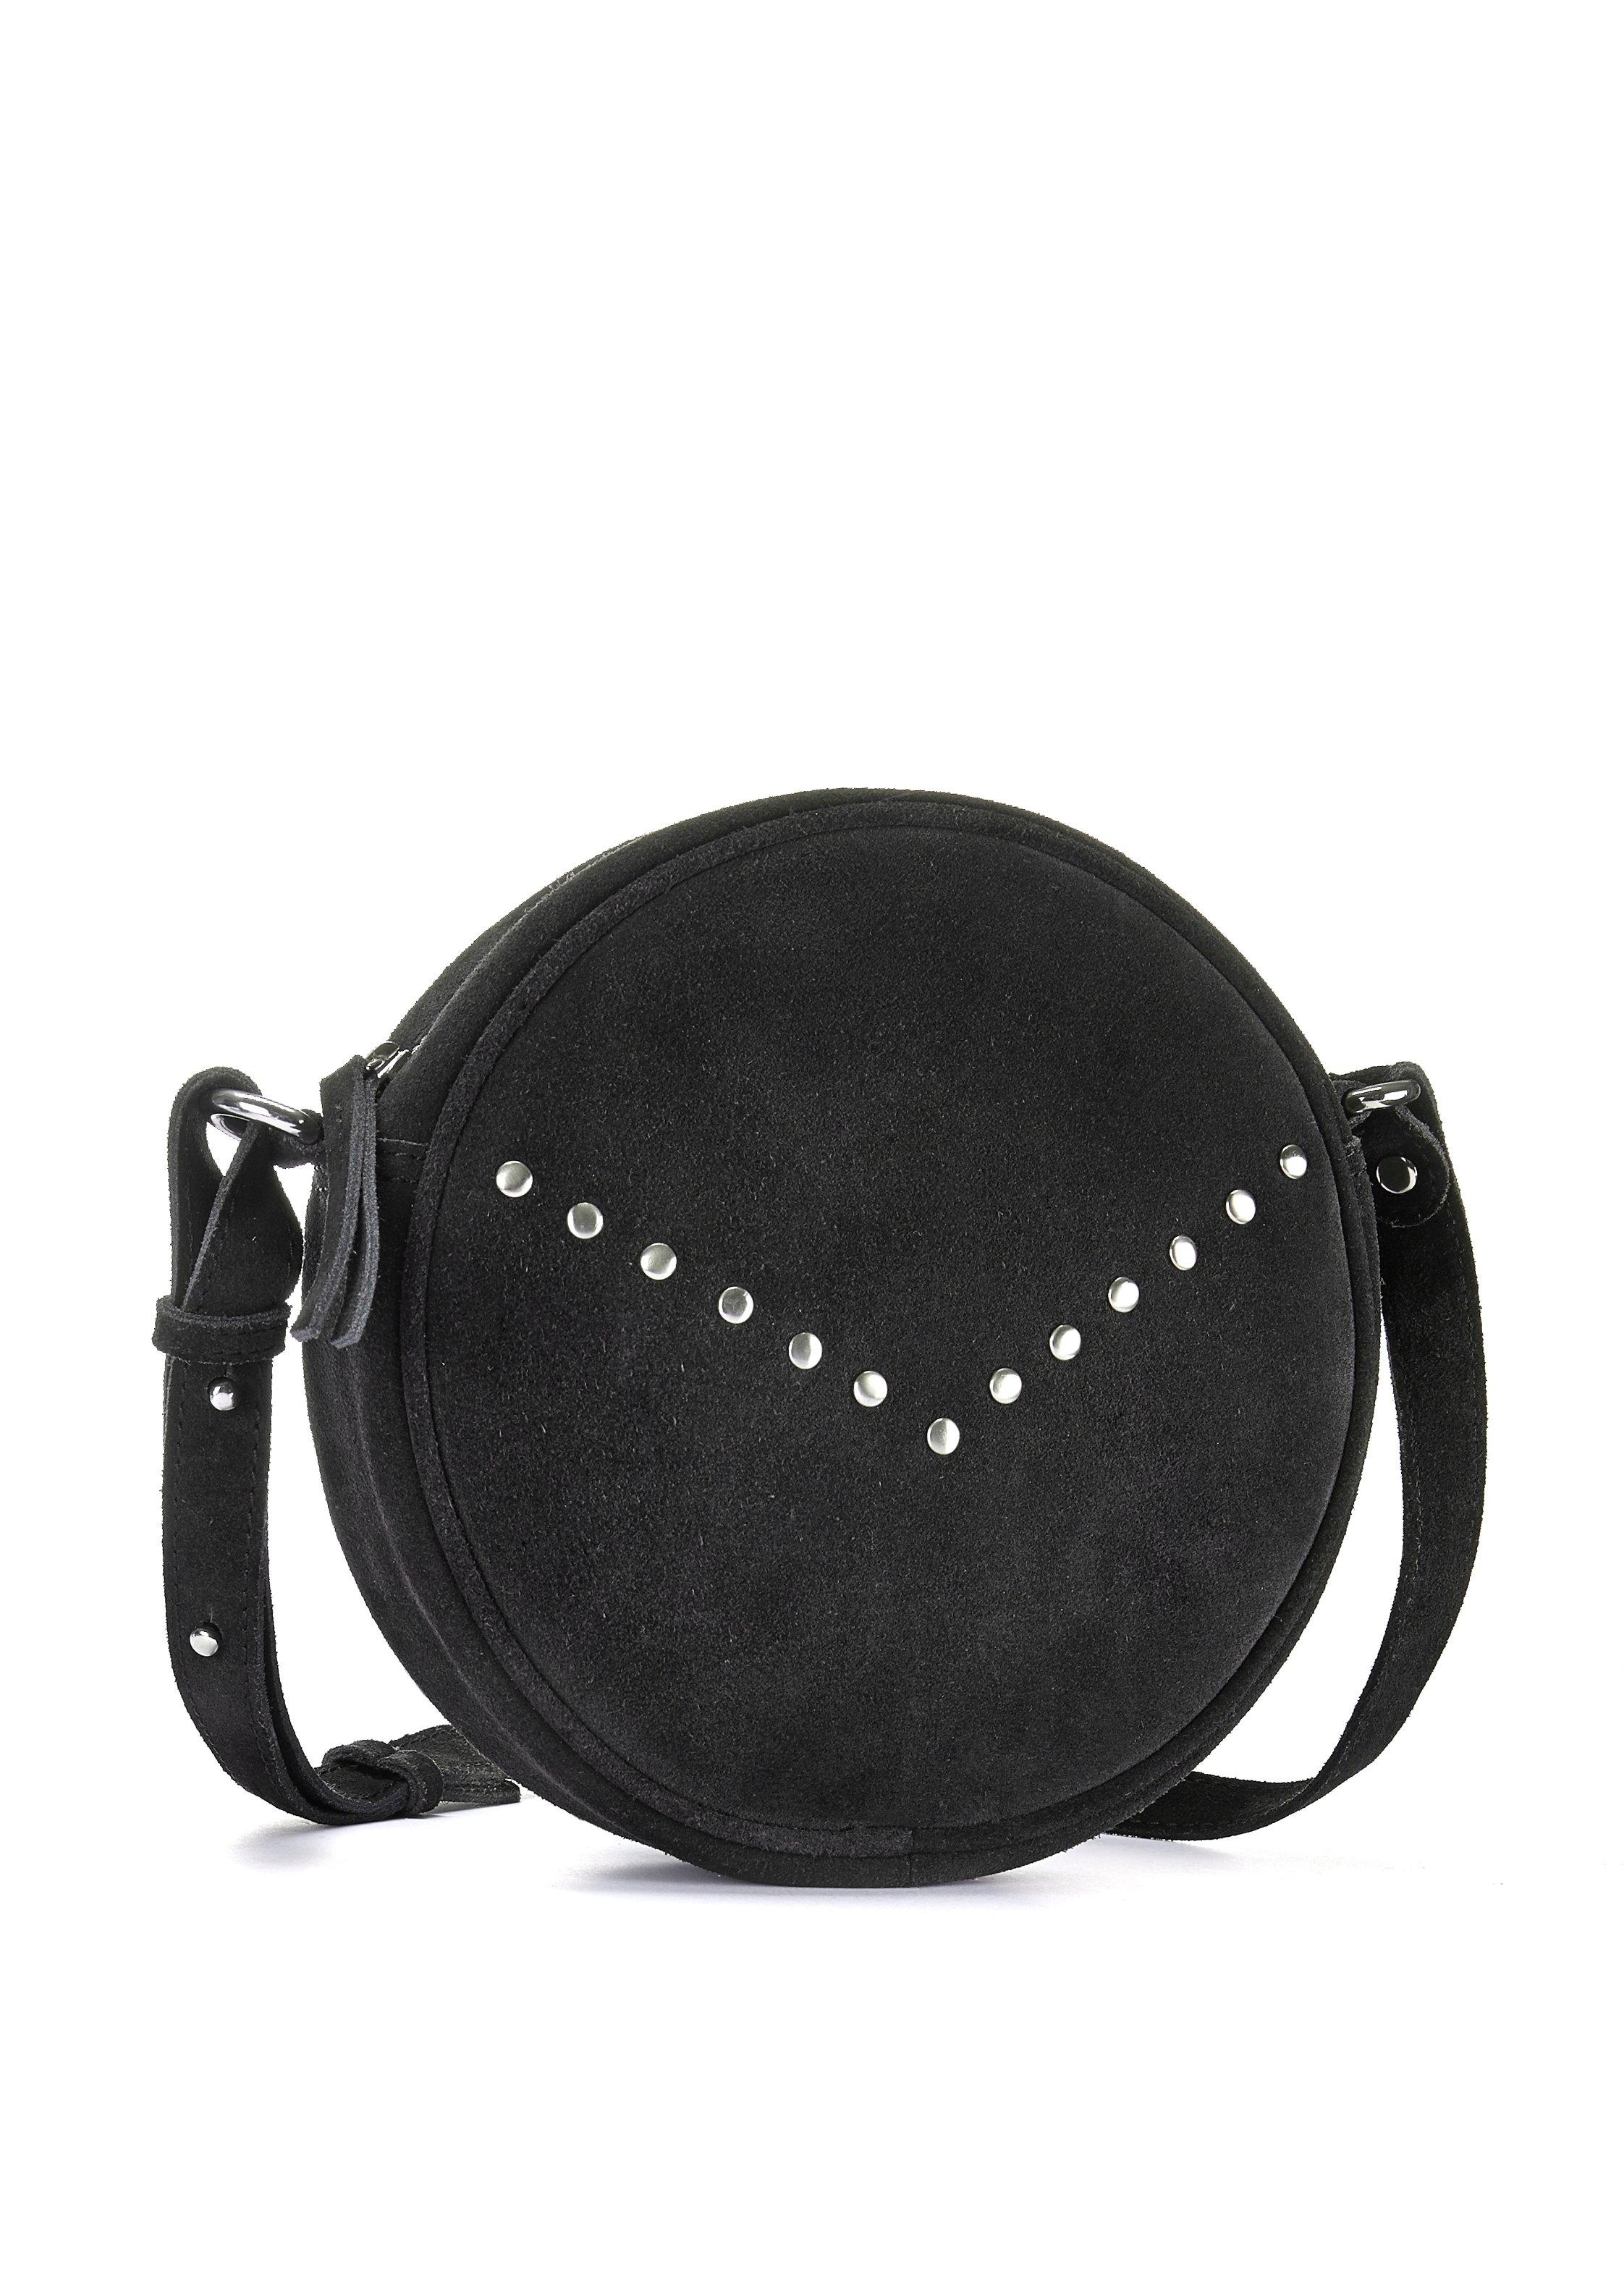 Lascana Schoudertas van leer, ronde mini-bag met modieuze studs bij Lascana online kopen